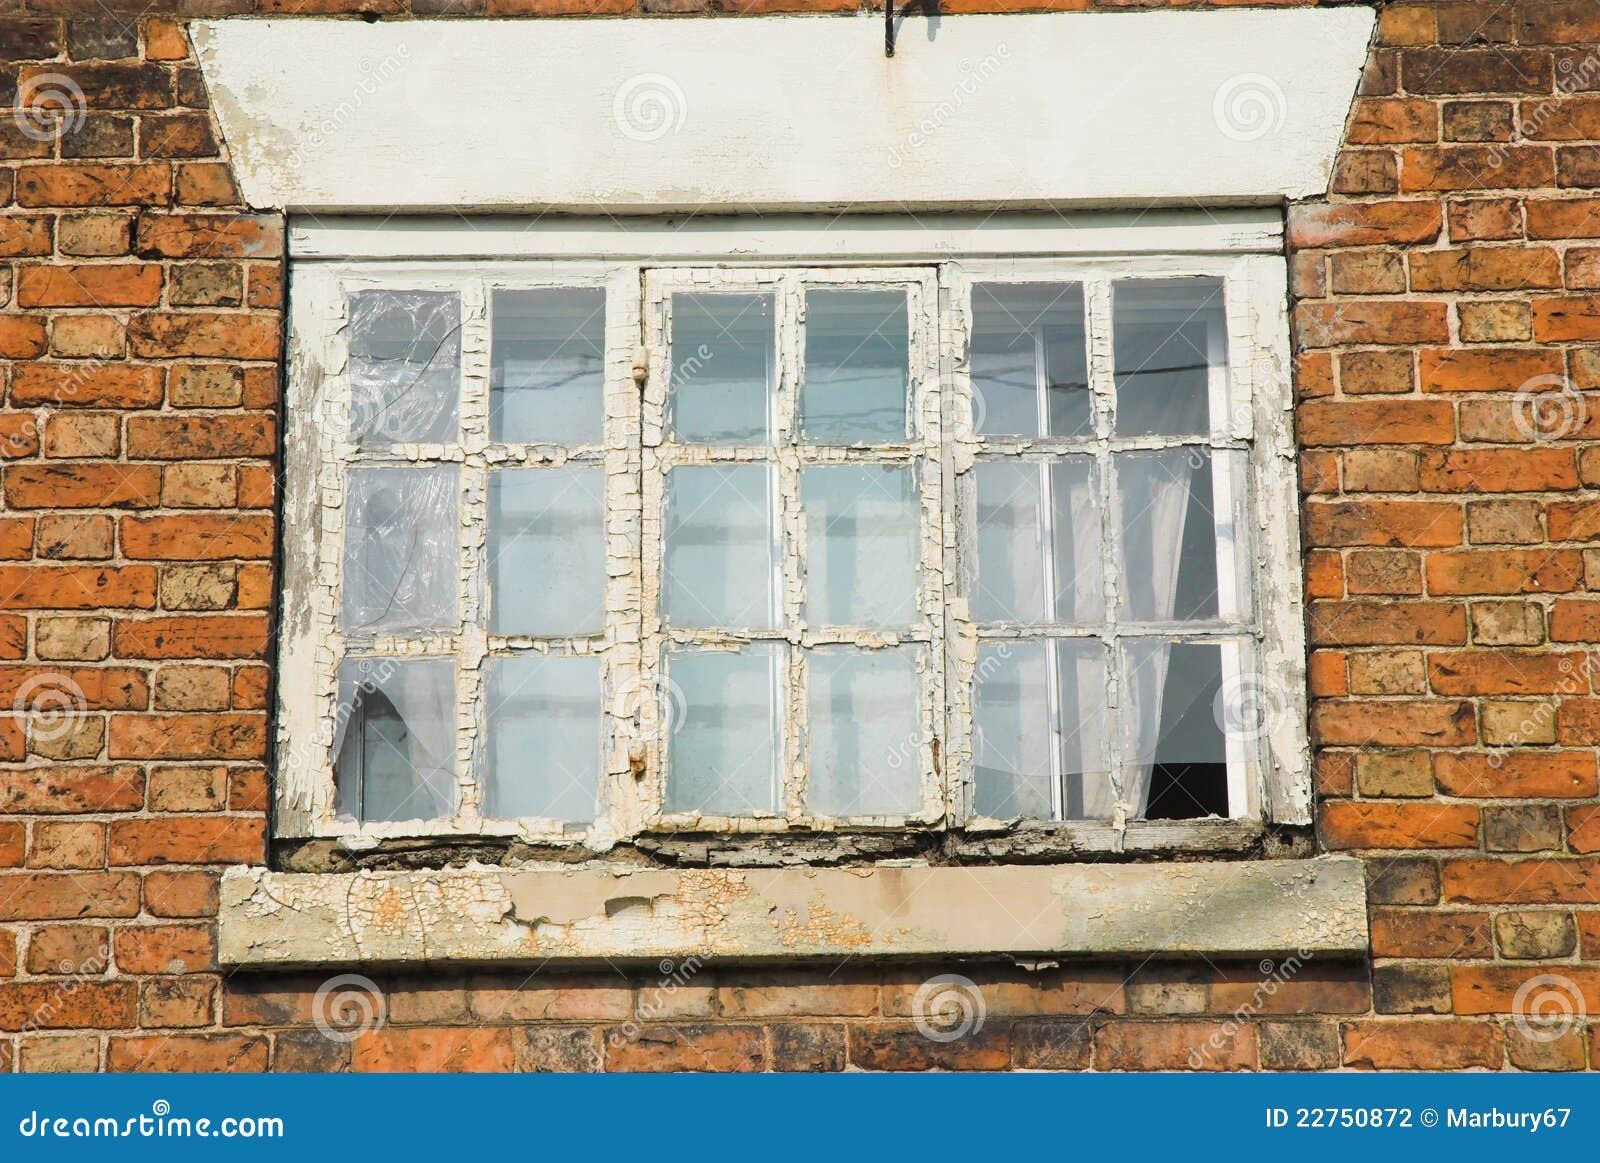 Rot Raamkozijn Stock Foto Afbeelding Bestaande Uit Glas